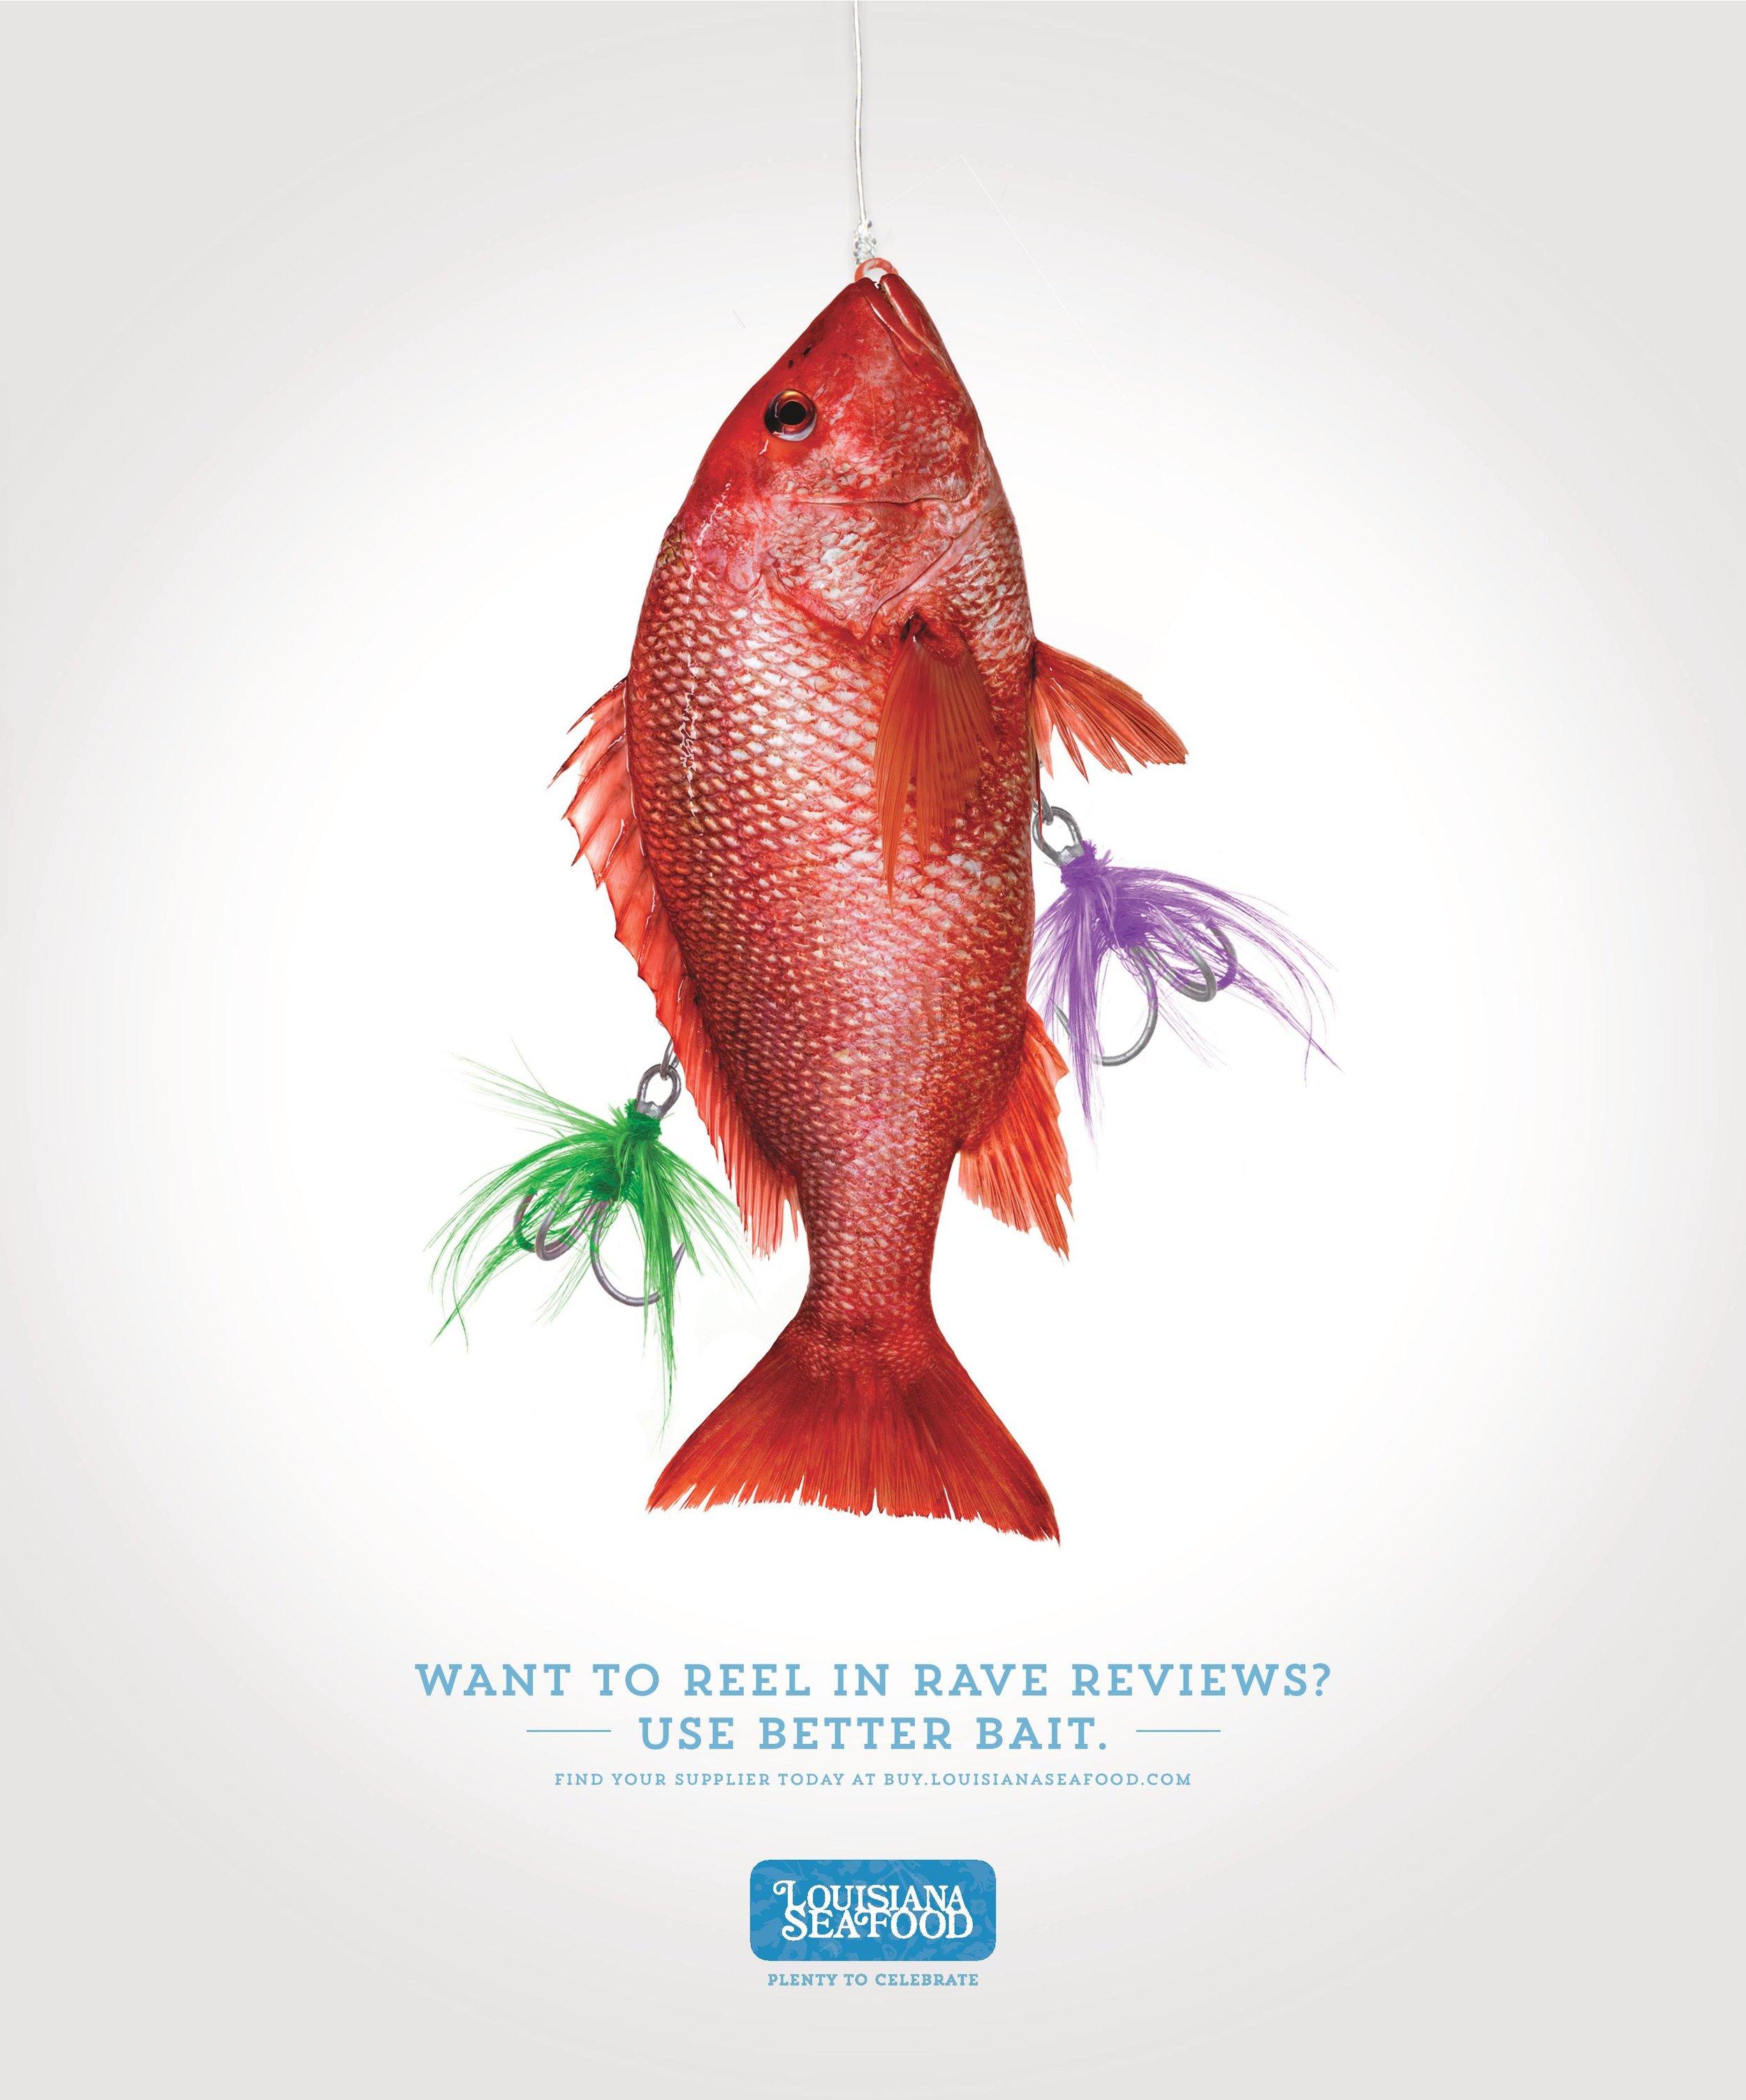 Louisiana Seafood B2B Campaign